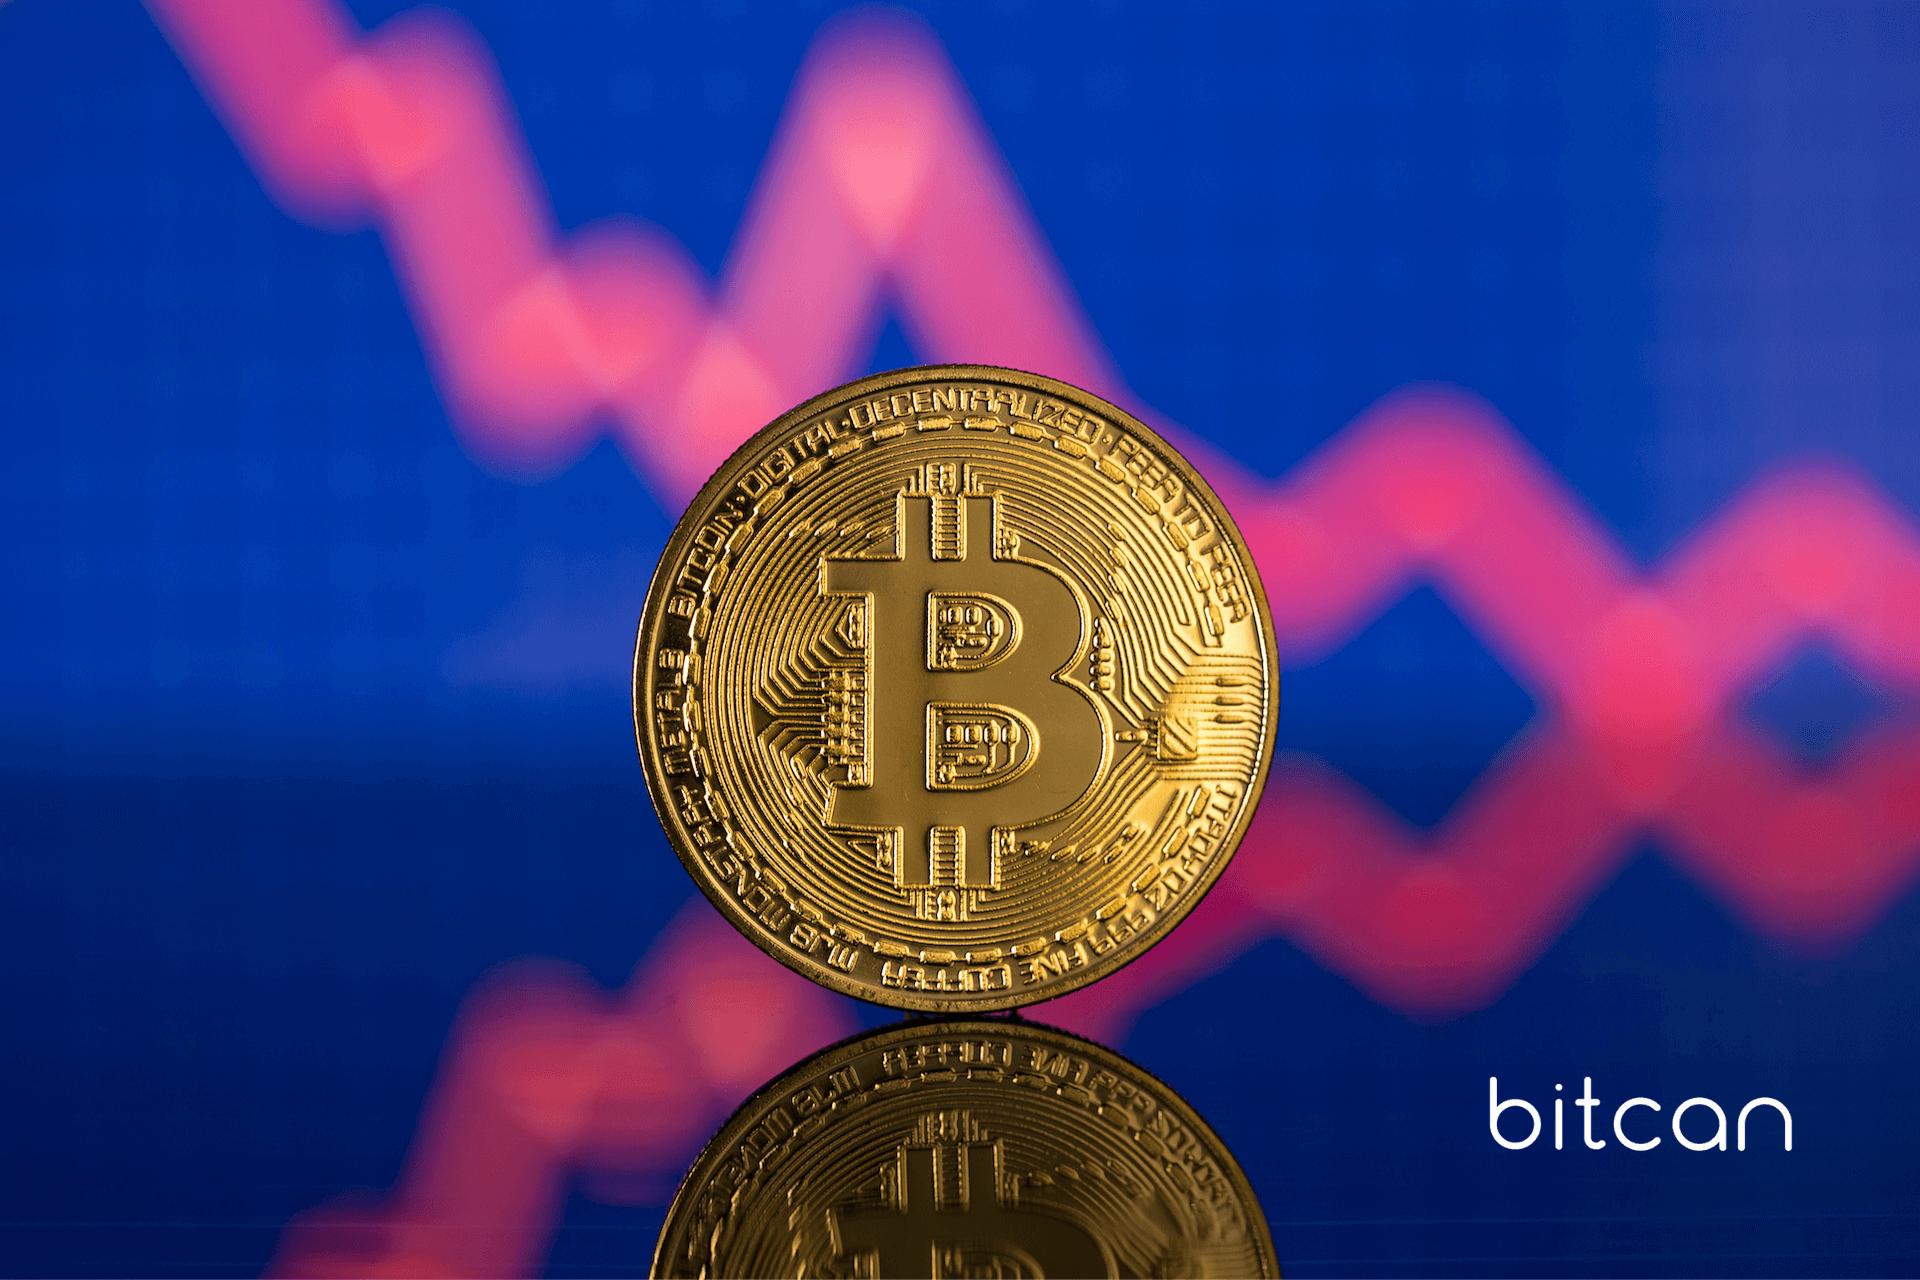 Bitcoin i Ethereum rosną, aktywność on-chain jednak spada. Nietypowa sytuacja na rynku